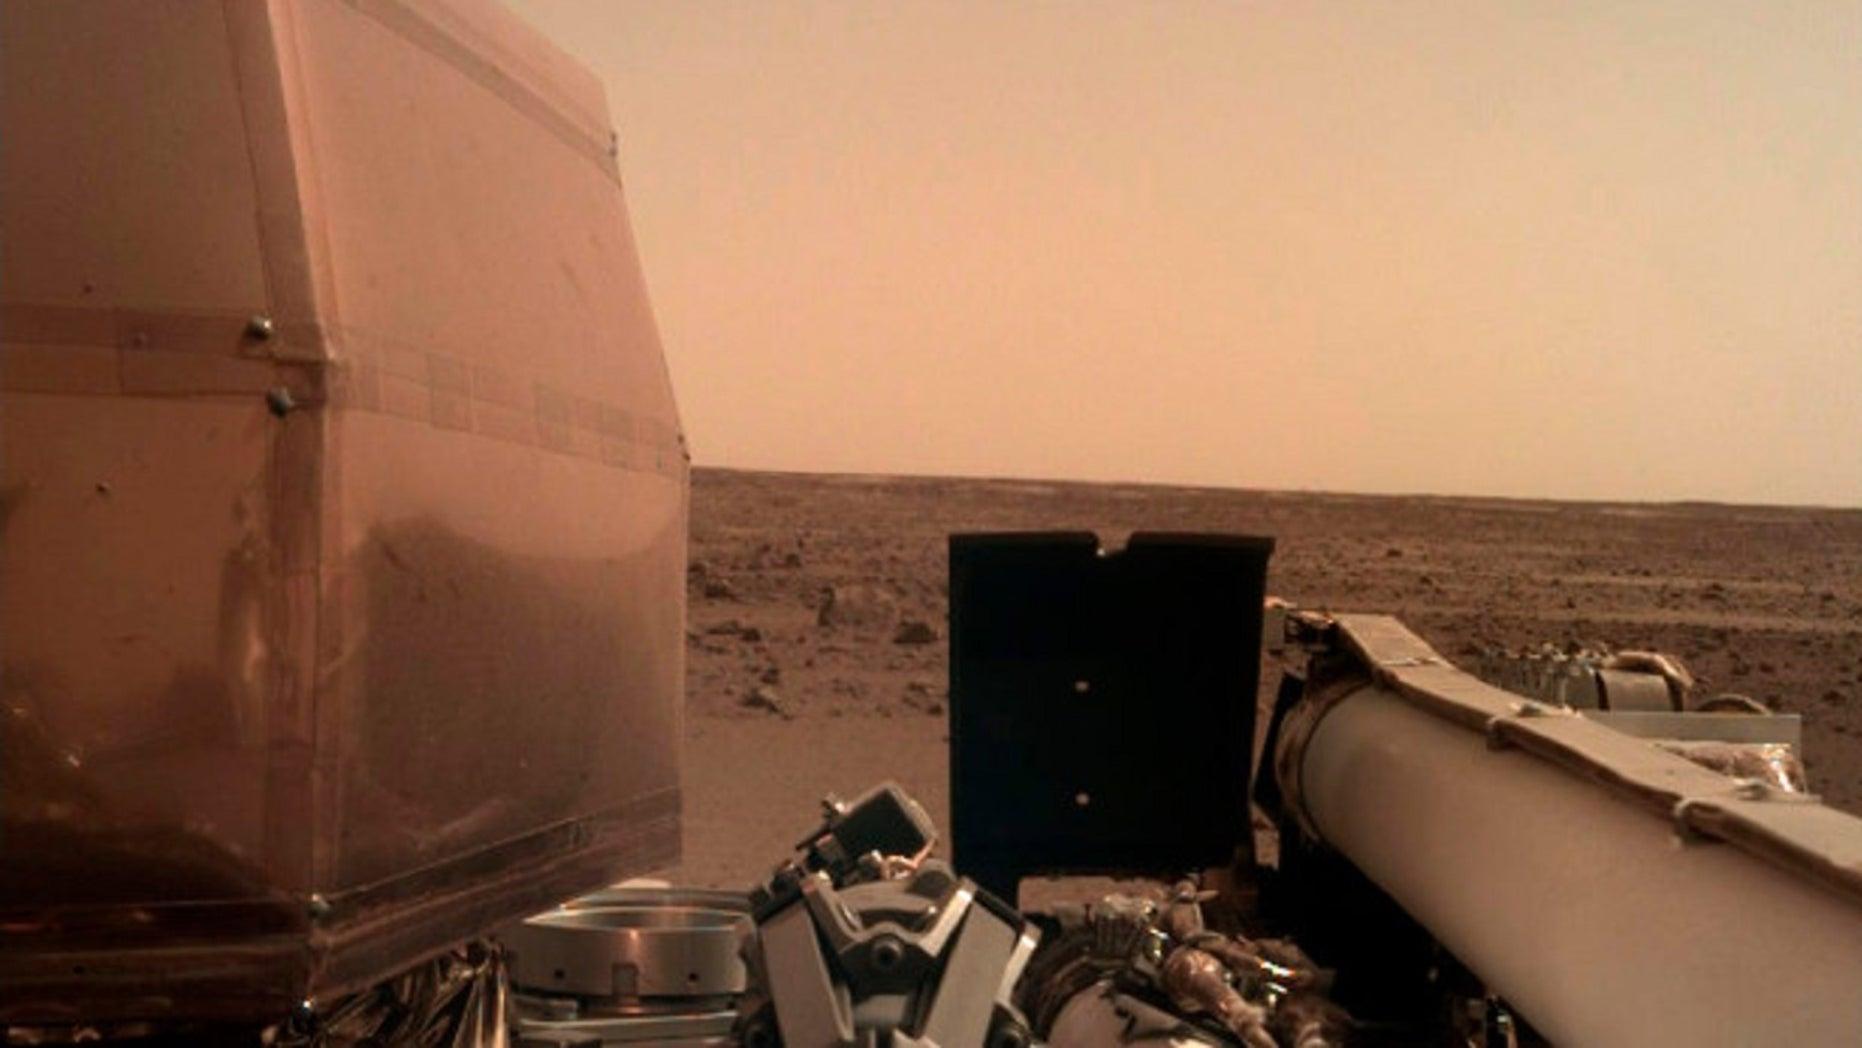 NASA's spacecraft, InSight, landed on Mars on Monday.